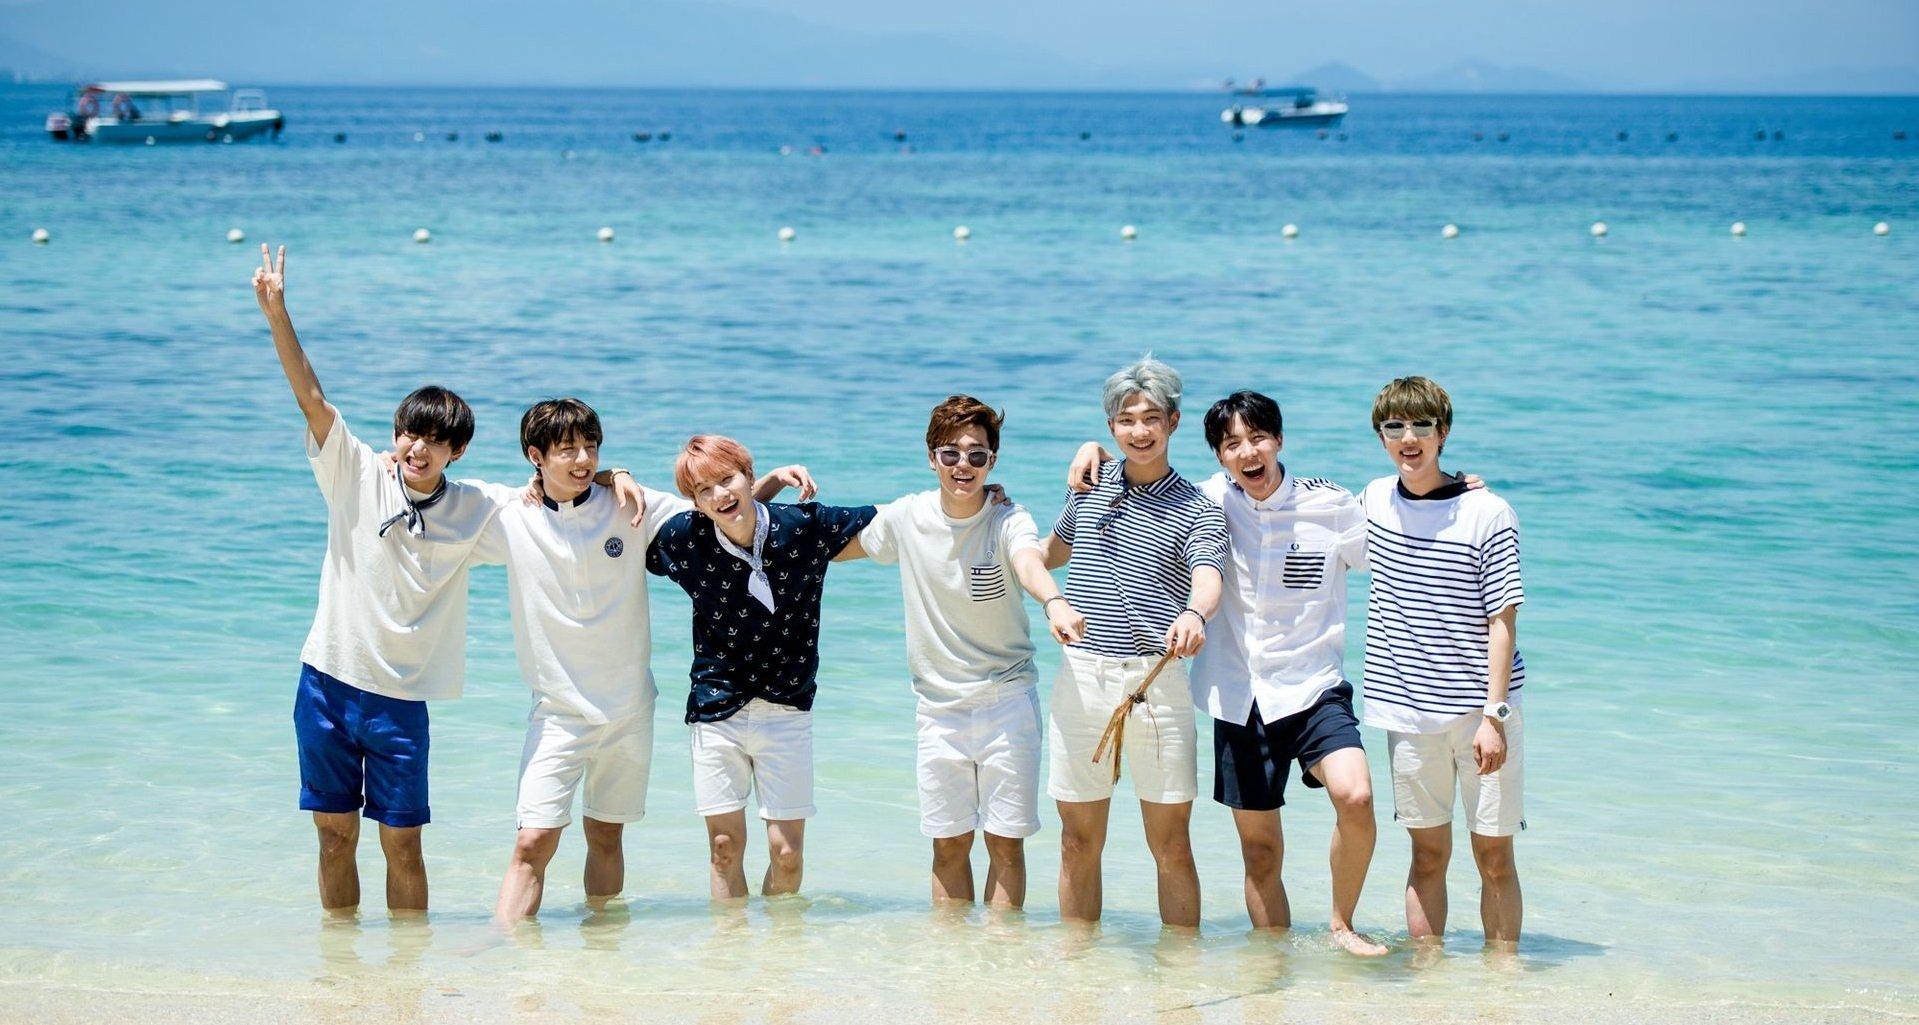 Événement estival en direct dans BTS World